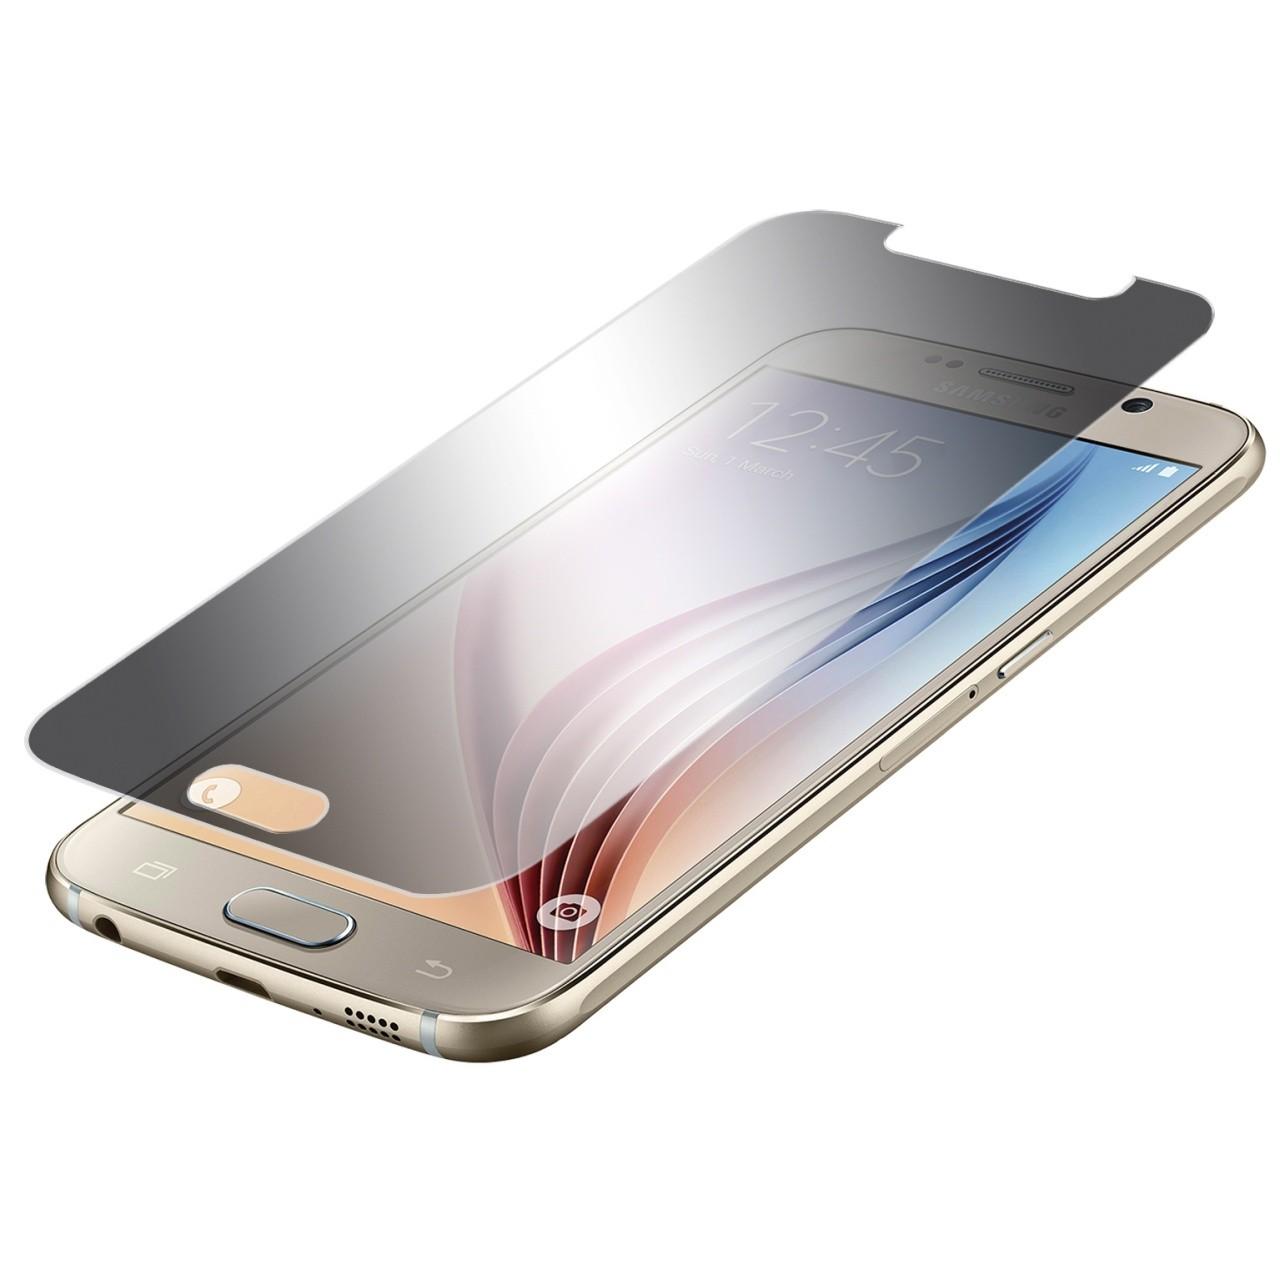 Phonix S920TGS protezione per schermo Telefono cellulare/smartphone Samsung